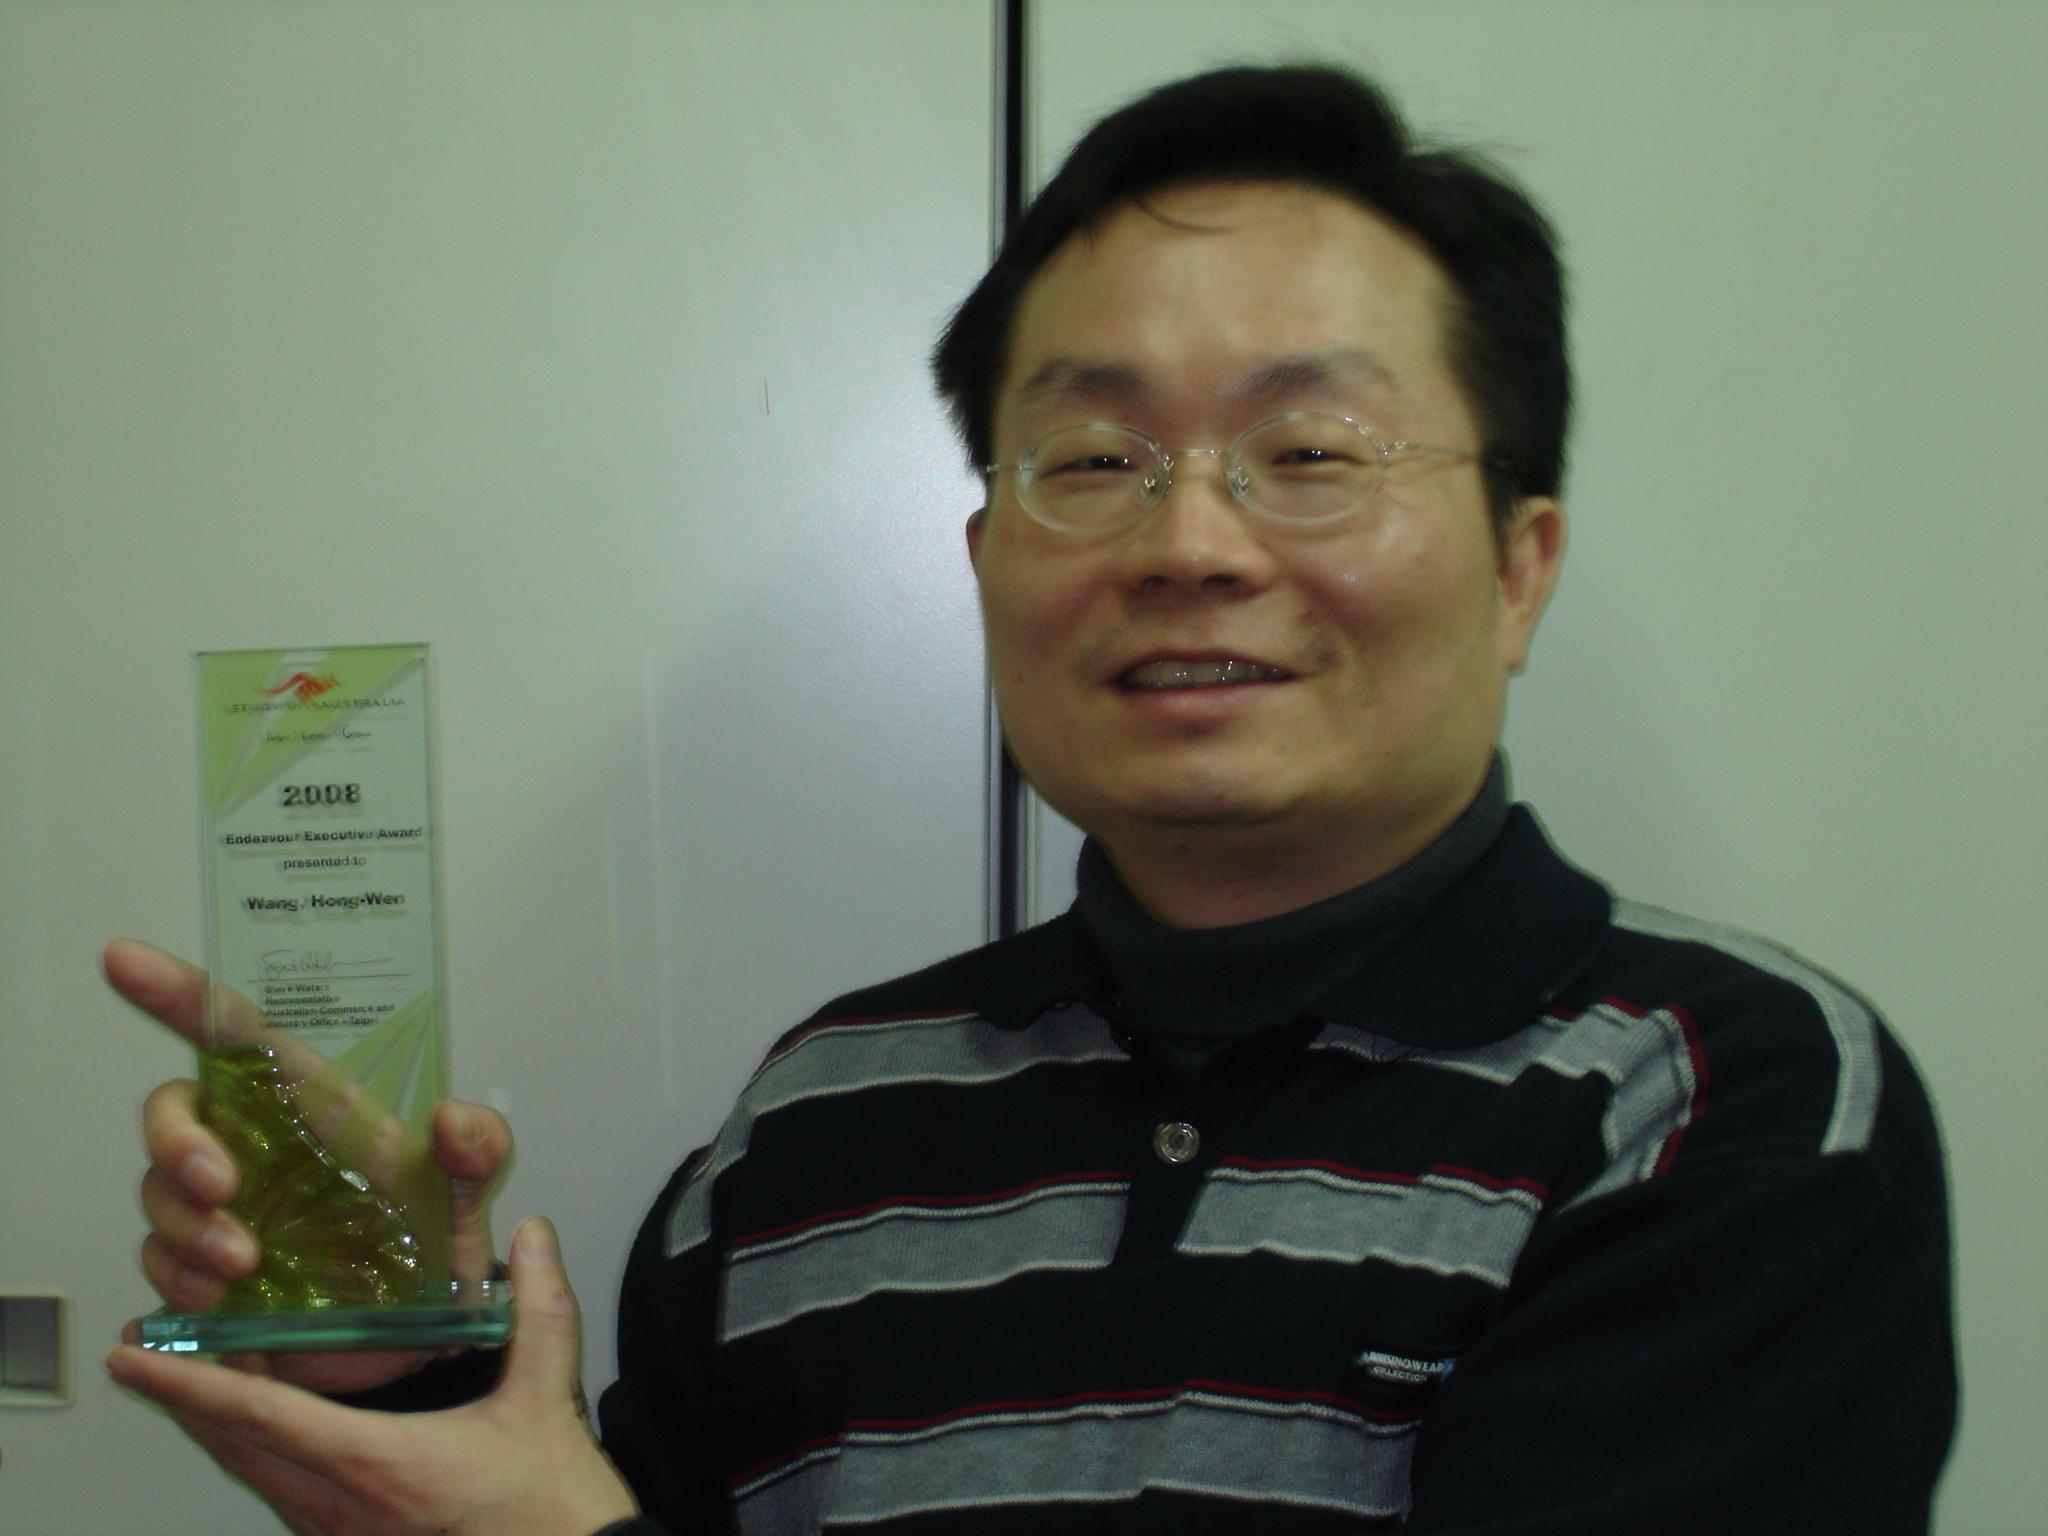 化學系王宏文教授獲頒澳洲政府60萬元研究獎助 台灣區唯一獲獎者